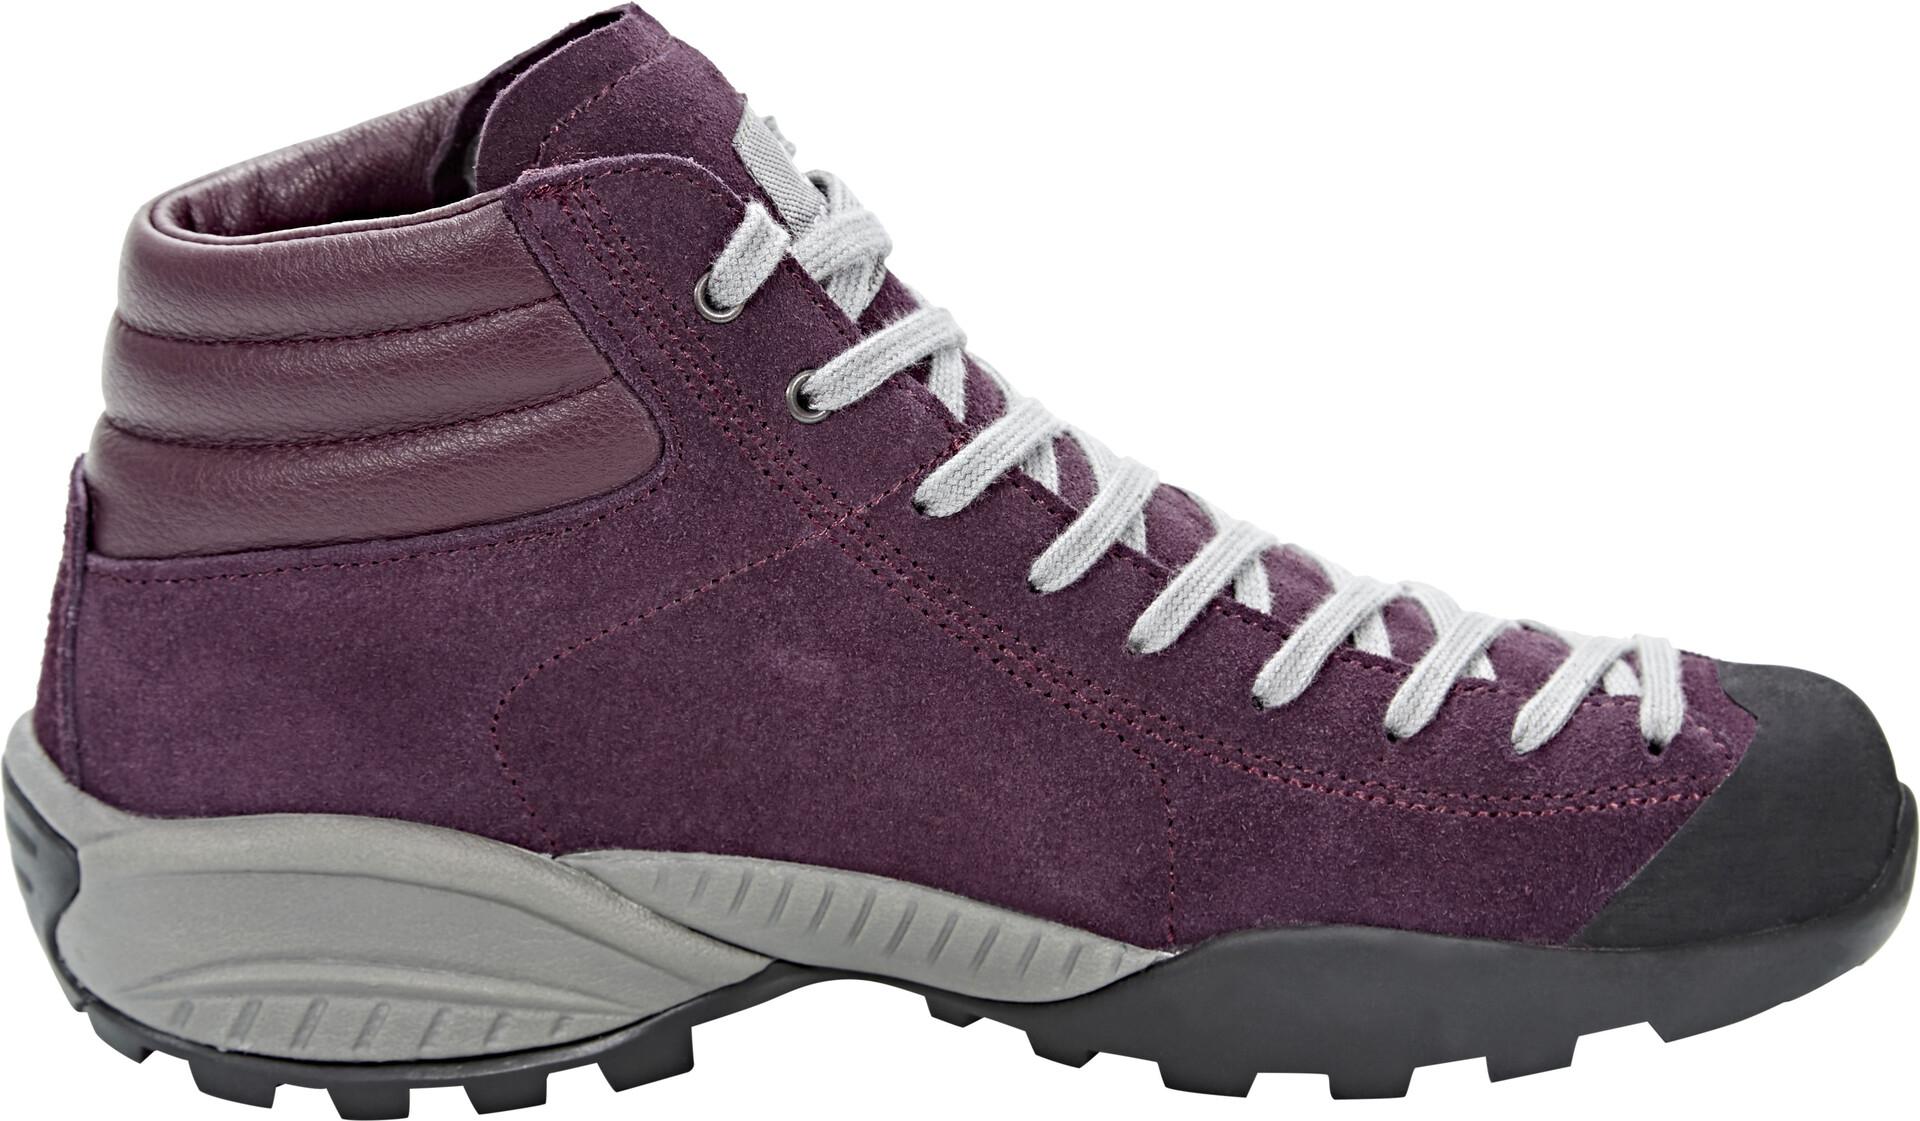 Scarpa Mojito Plus Gtx Shoes Unisex Temeraire Campzat